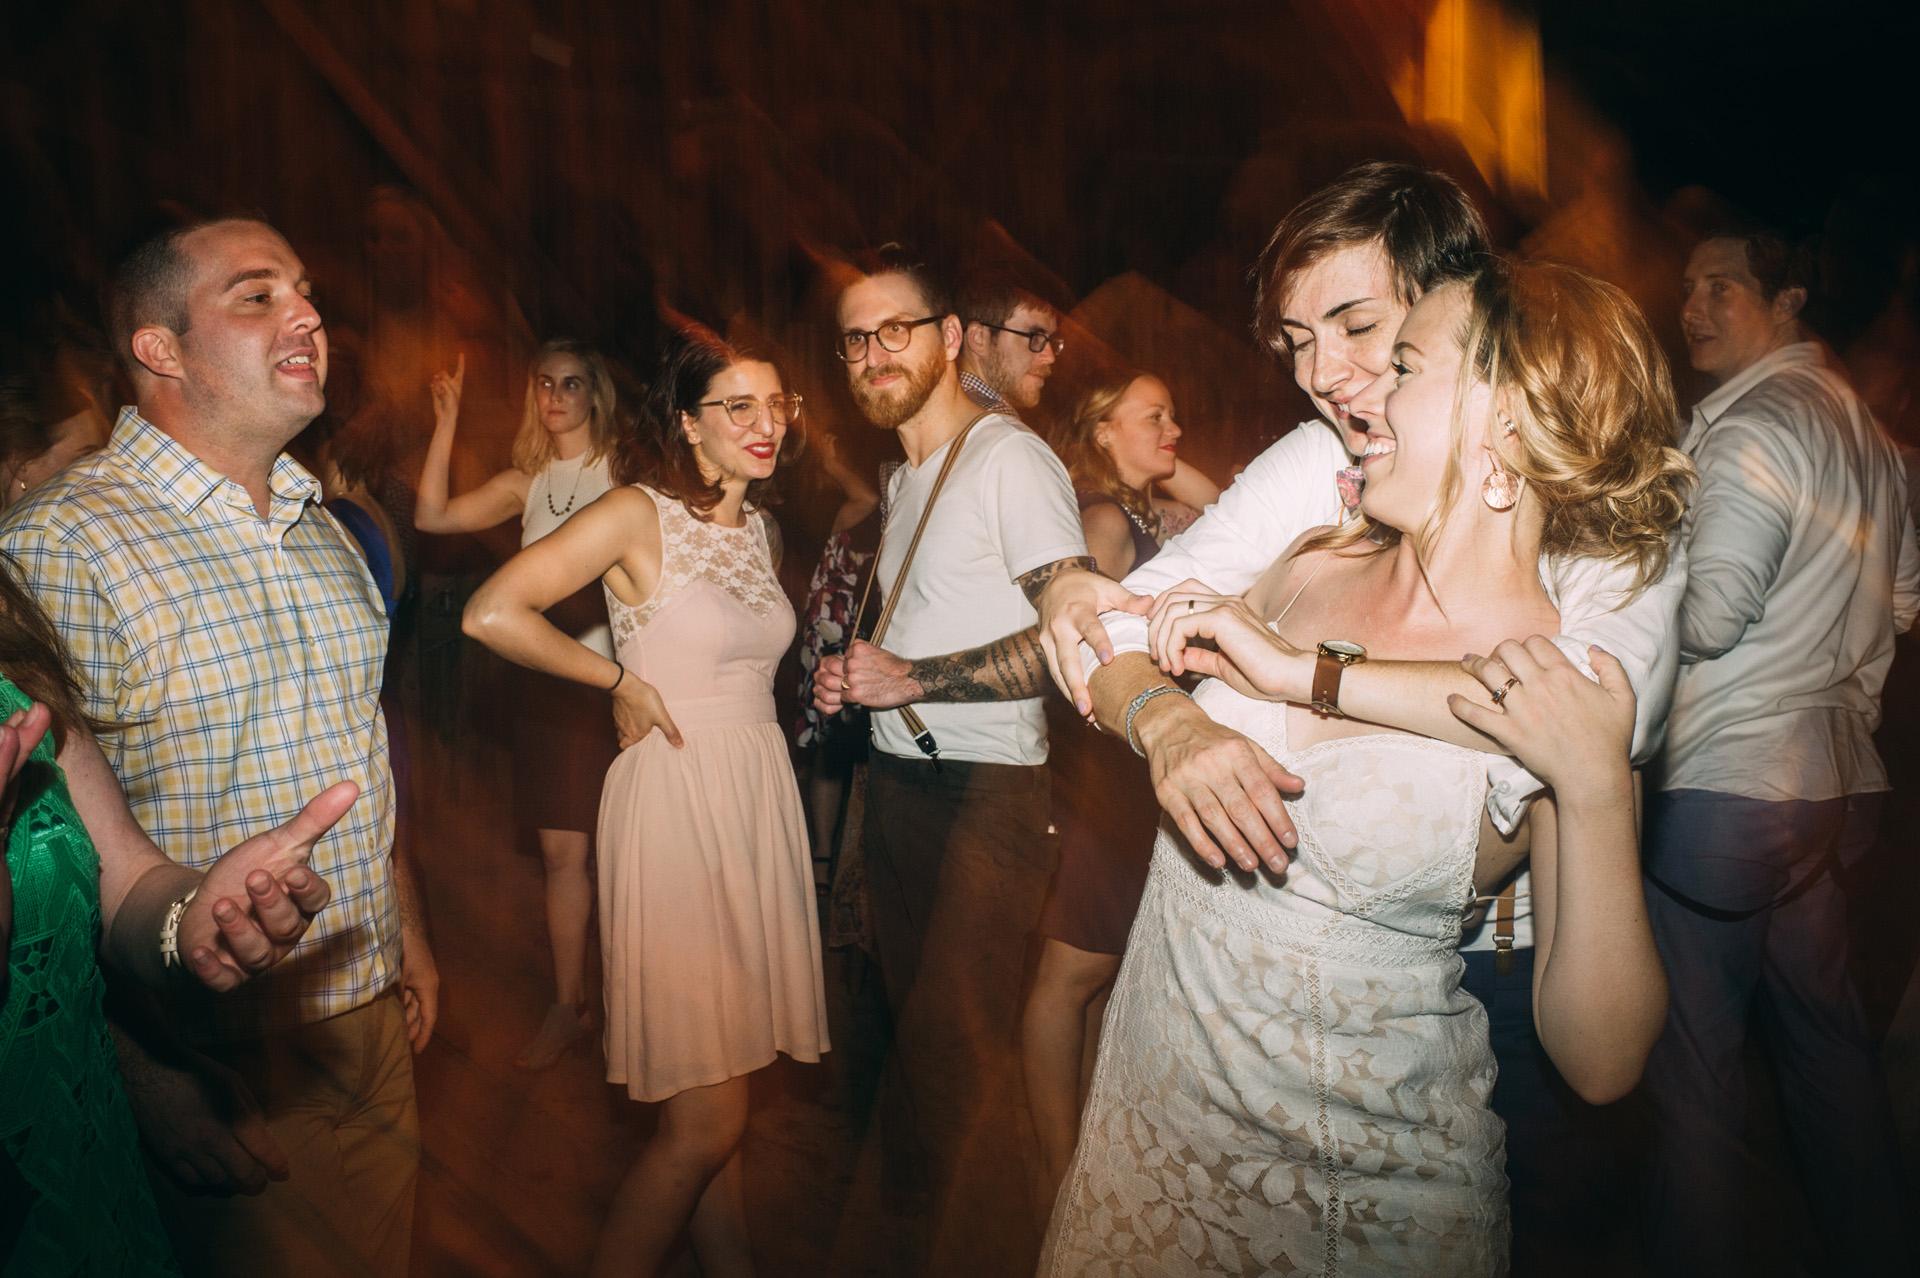 broadturn-farm-wedding-96